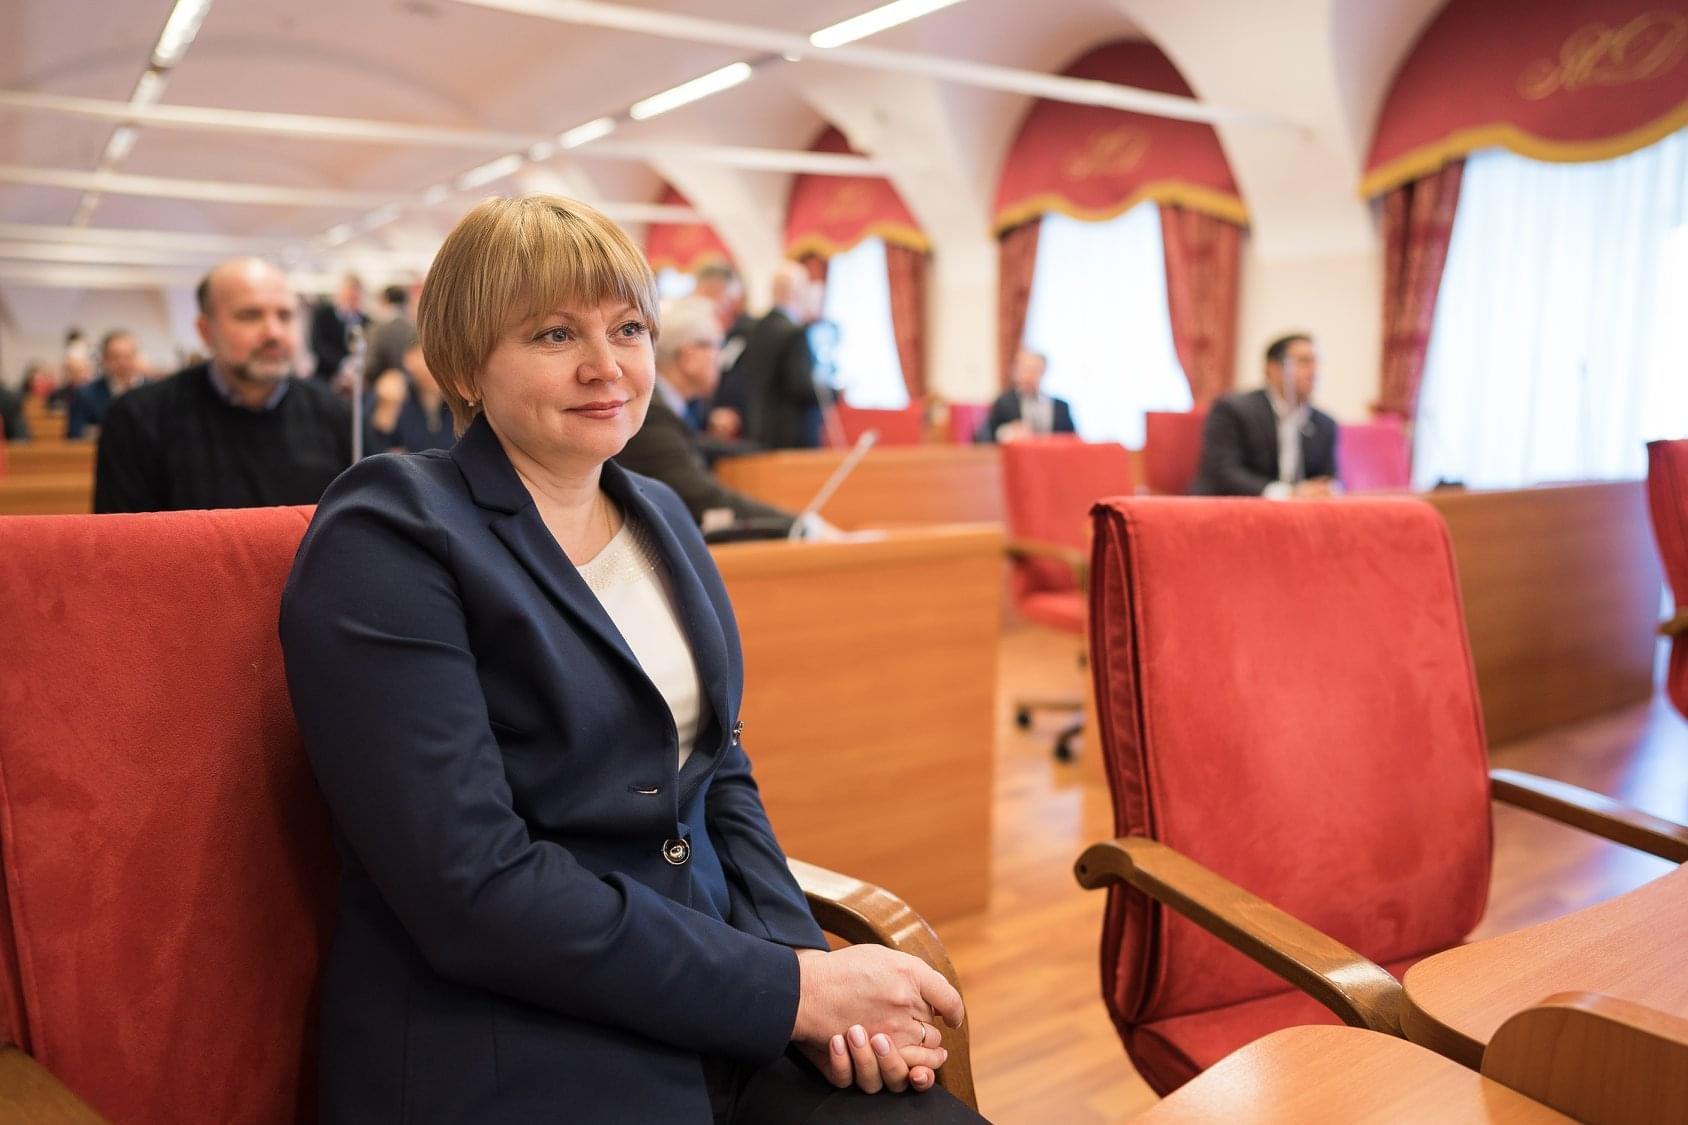 Поздравляем с днем рождения Е.Д. Кузнецову